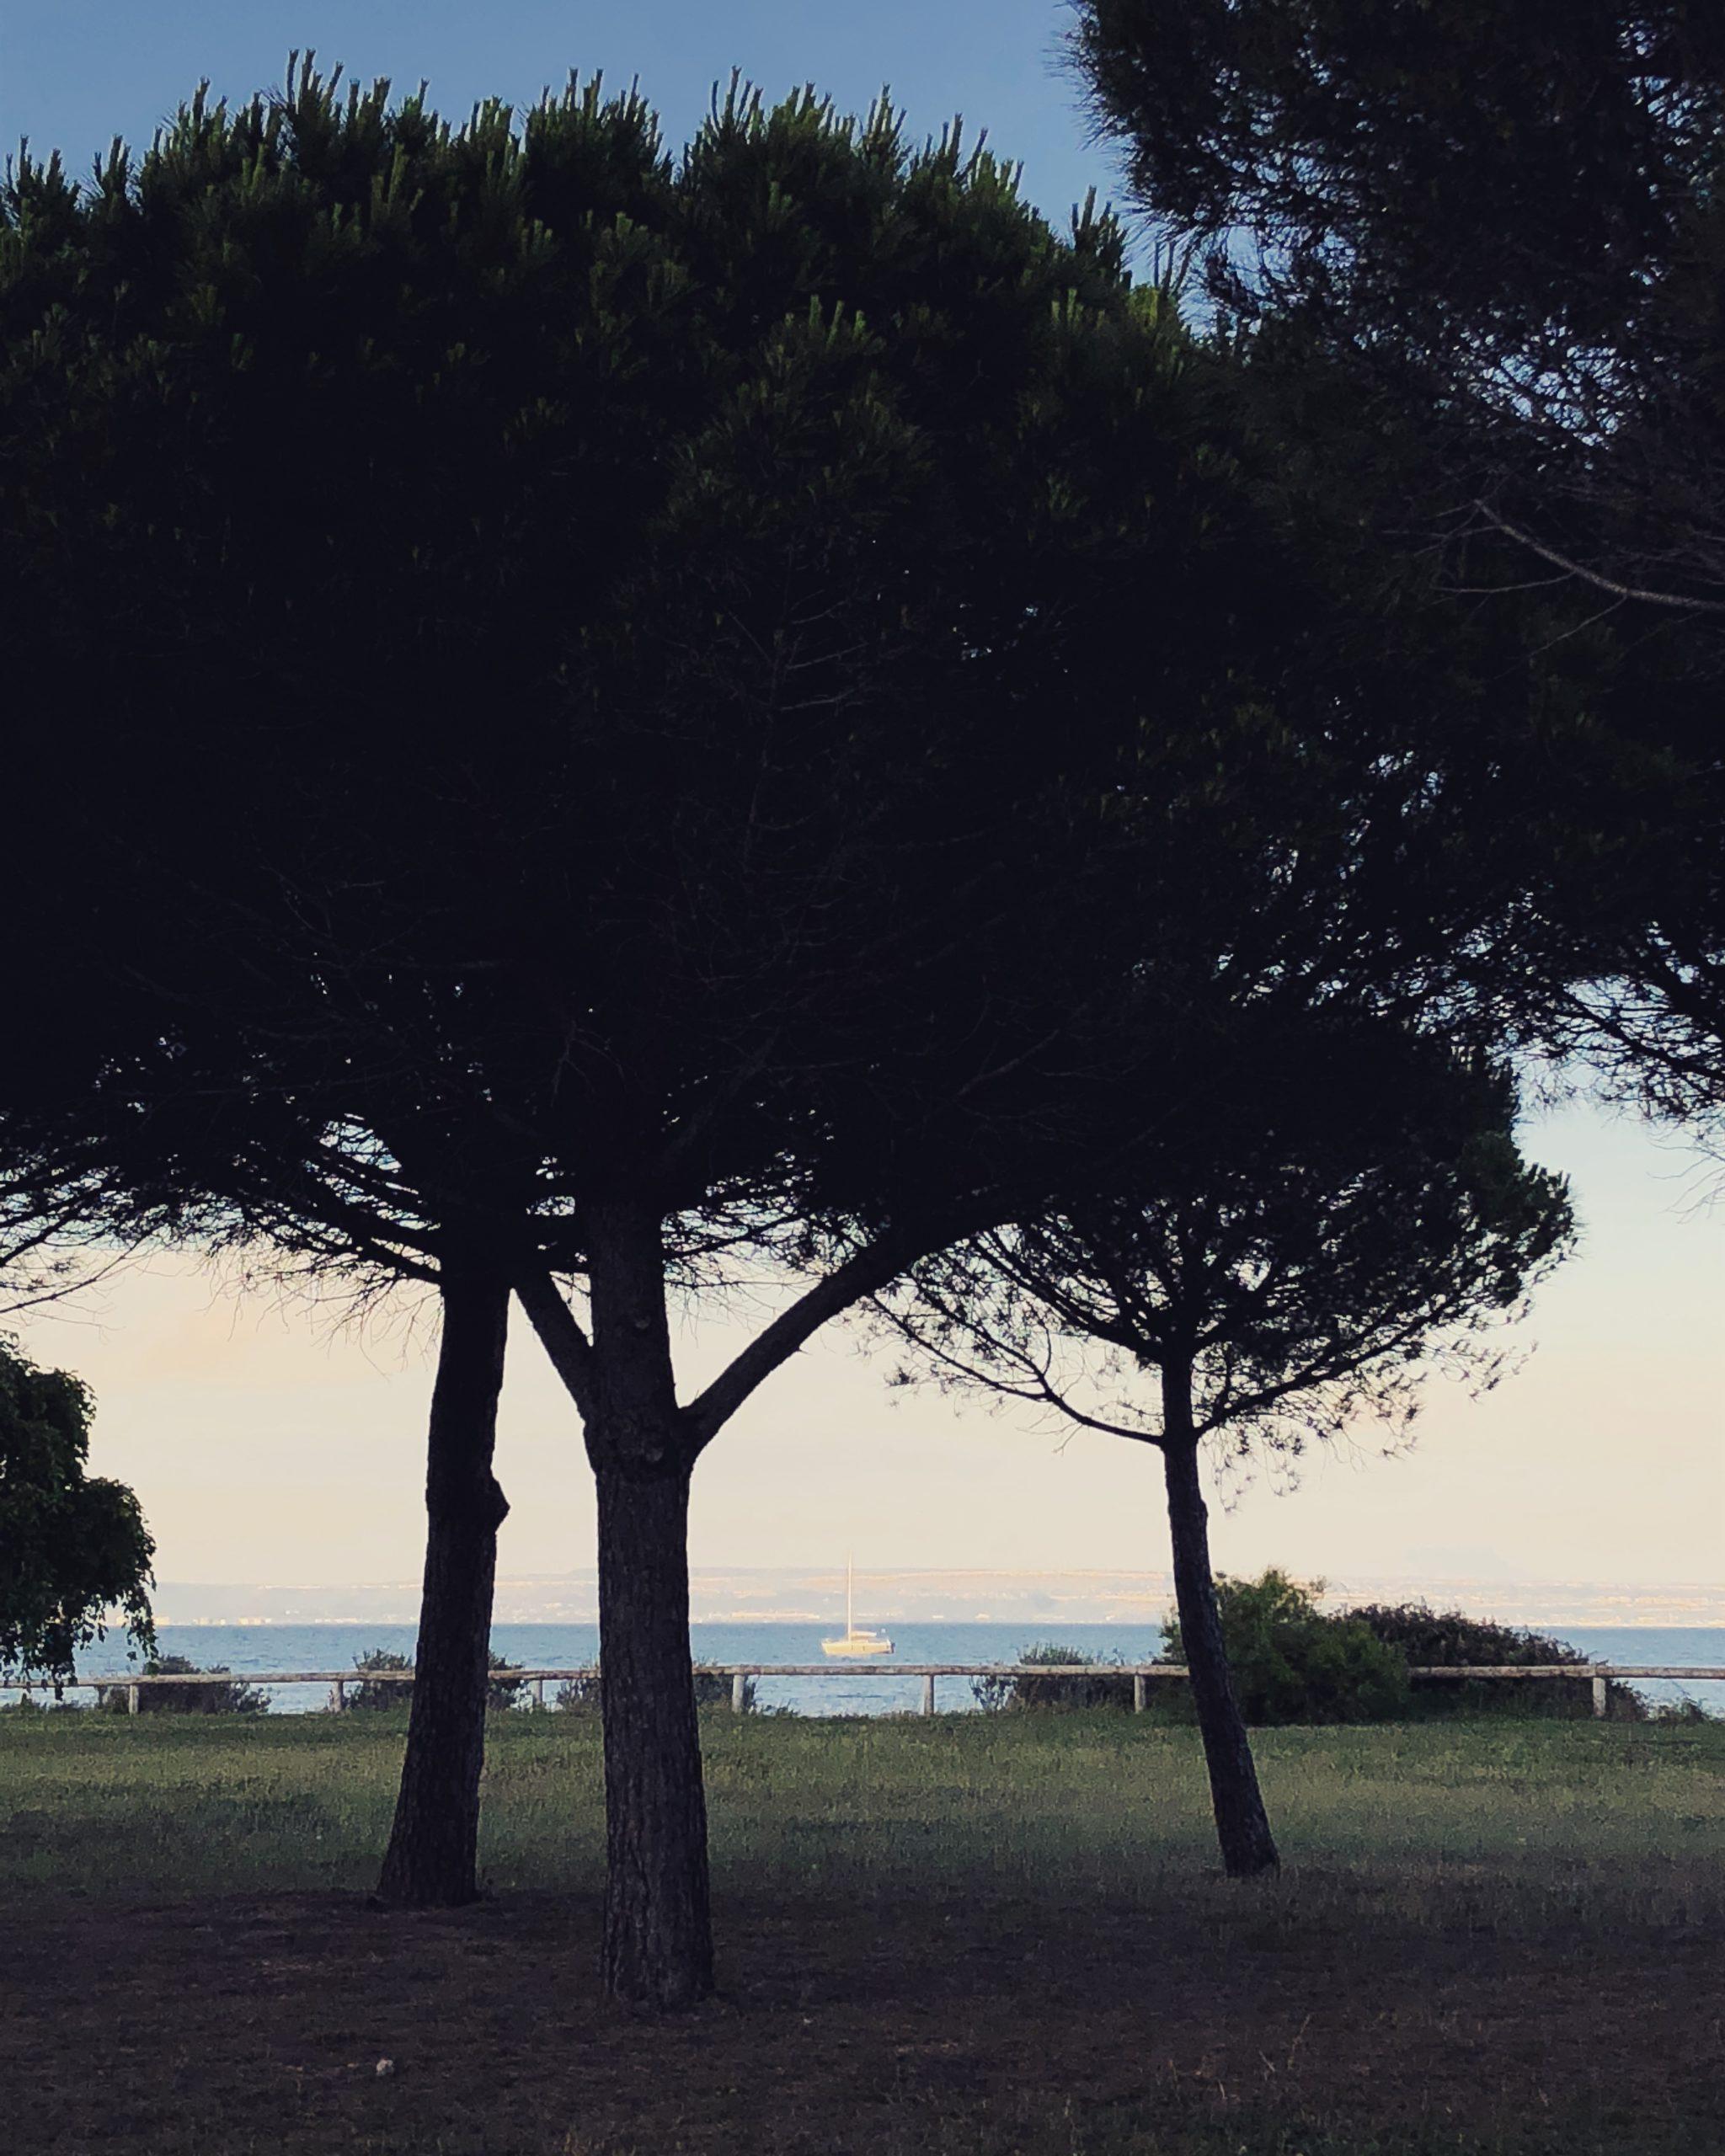 #instantané : Partir en voyage